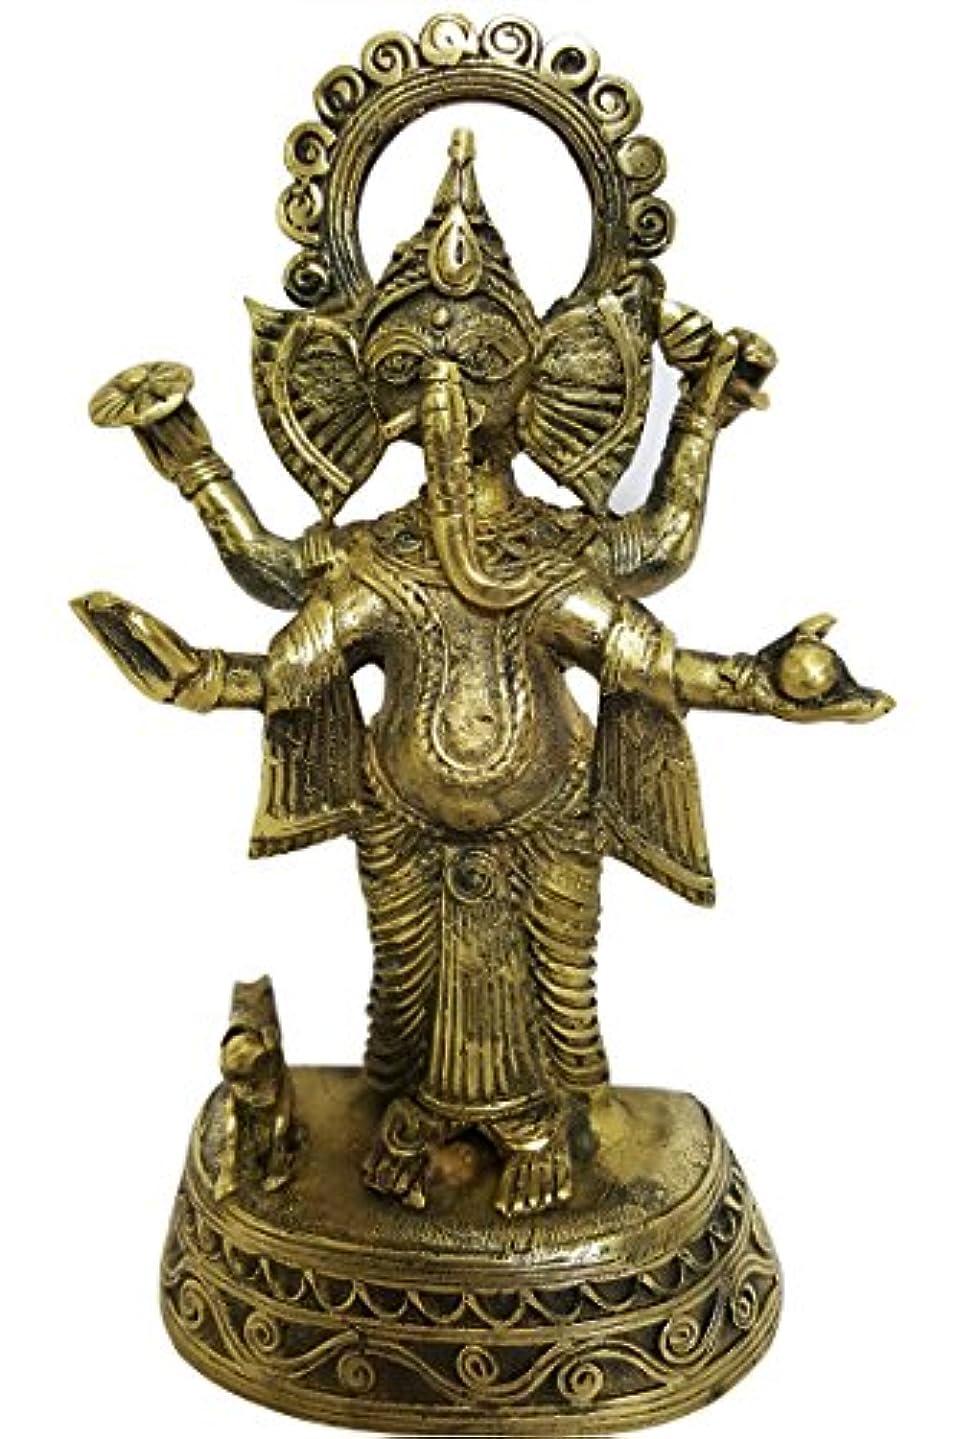 毎回換気する放牧するmehrunnisa手作りDhokra真鍮Chaturbhujガネーシャ彫刻( meh2232 )